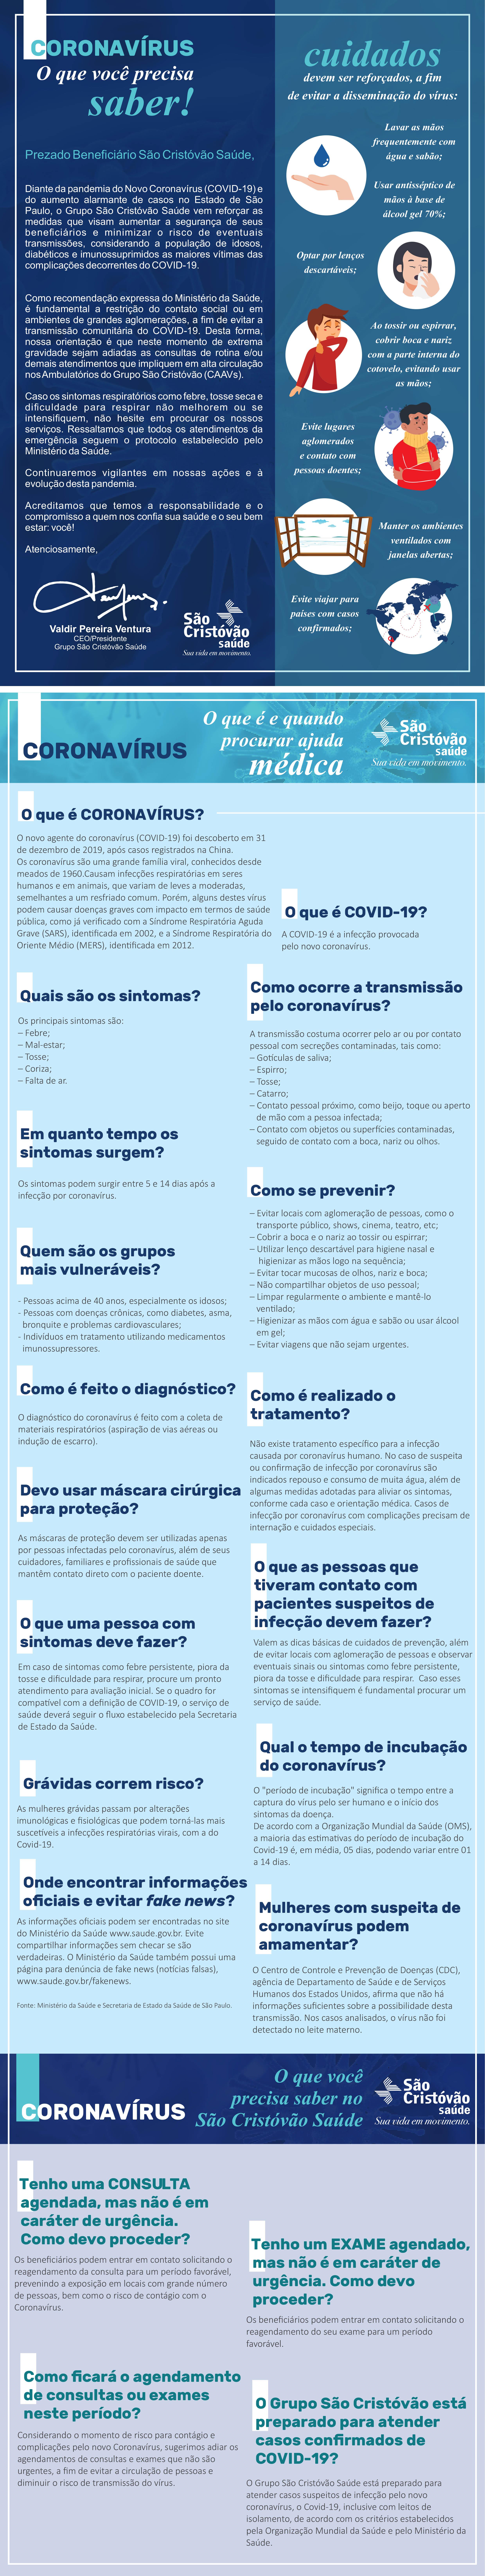 carta_CEOatualizada+faq_20_03_2020.cdr